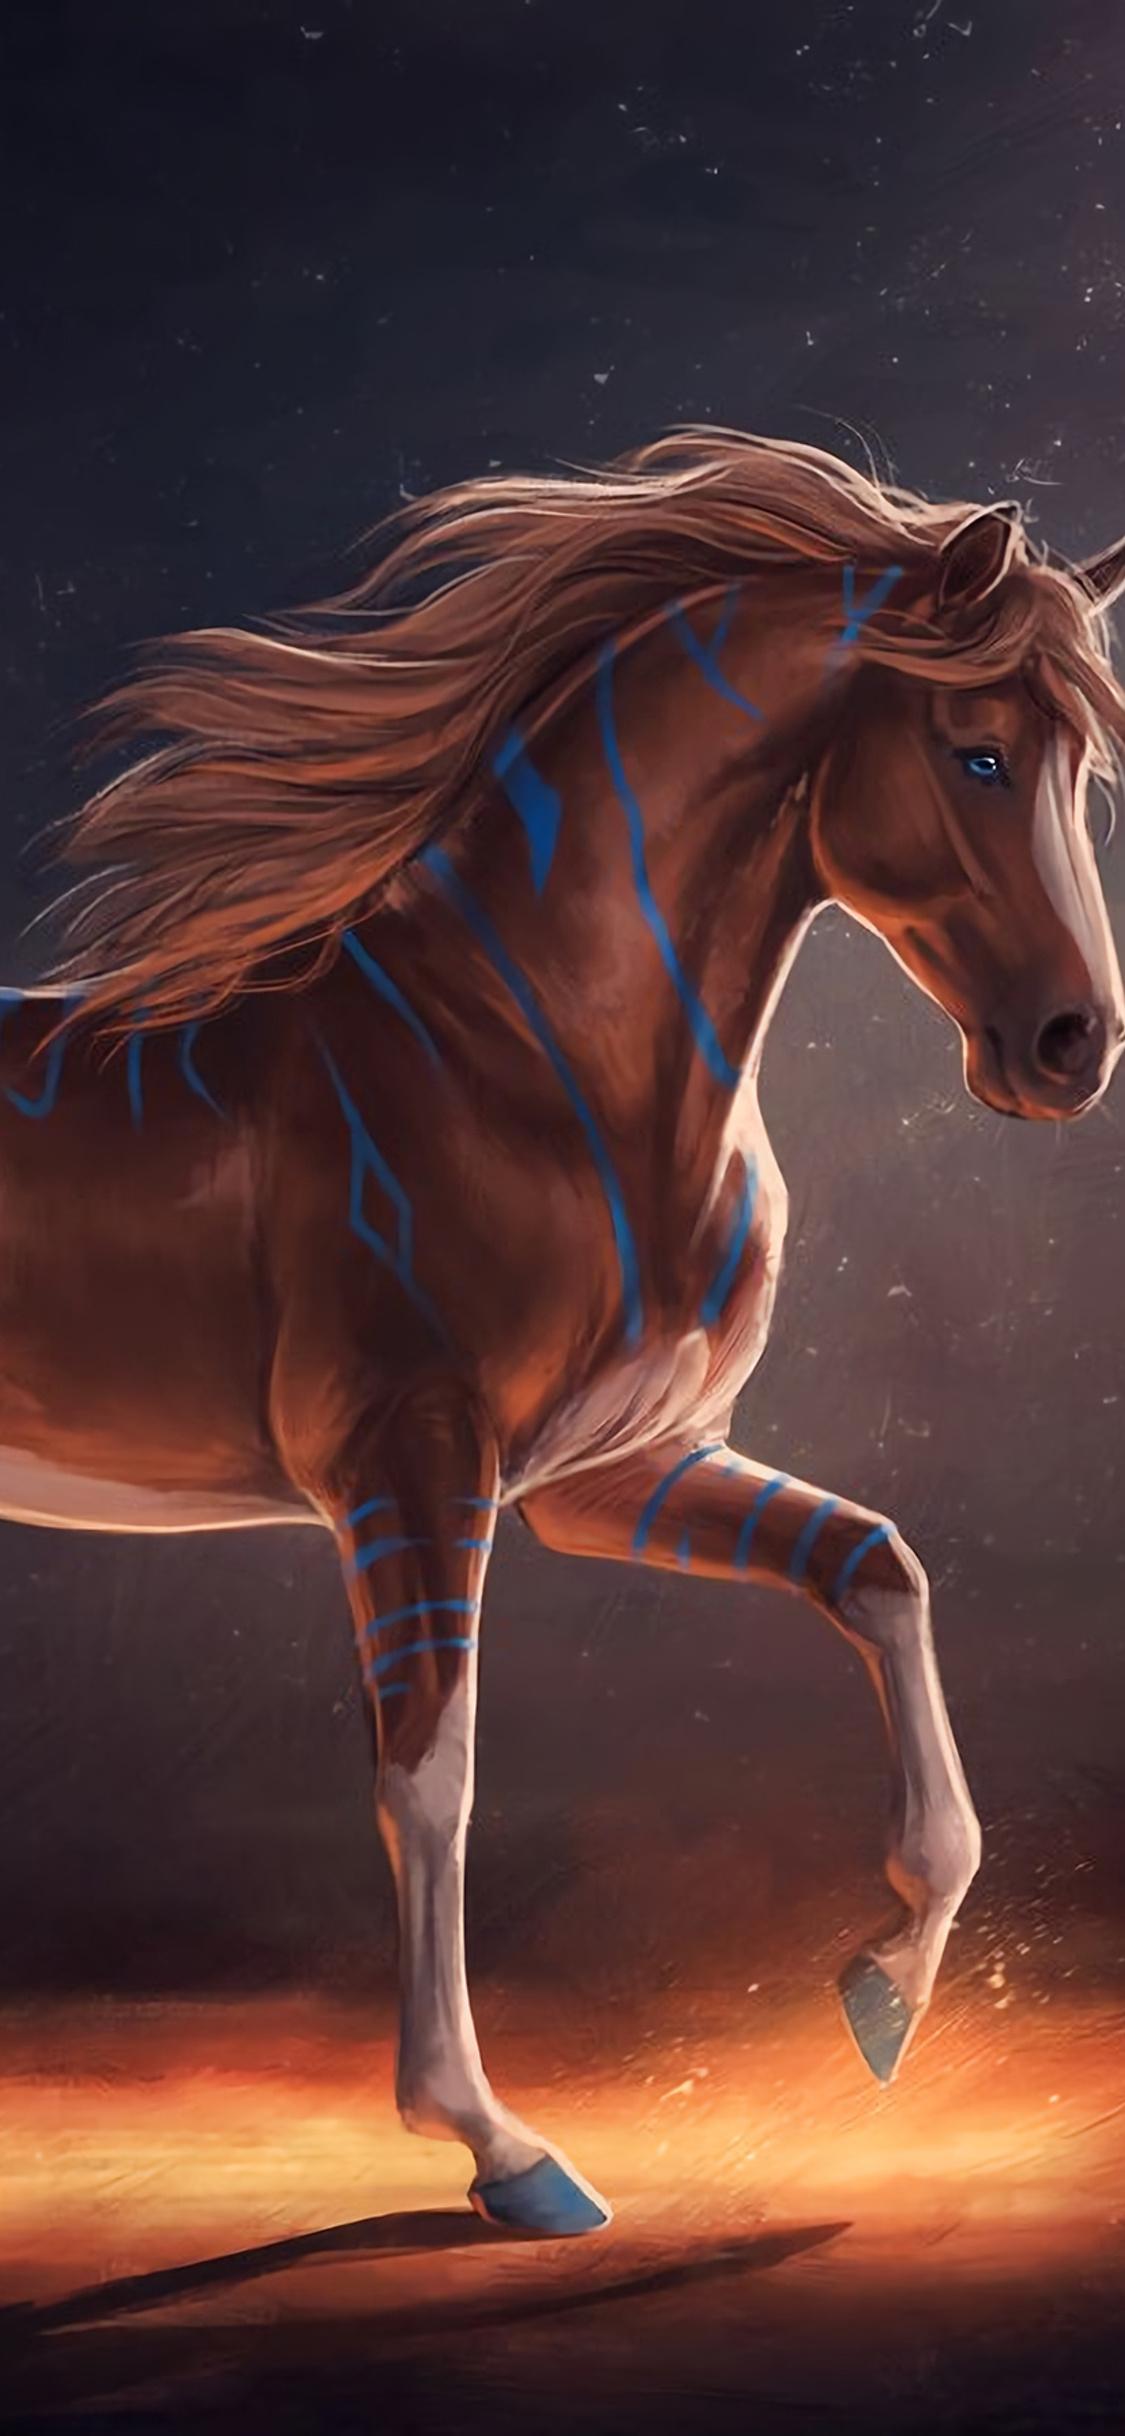 horse-digital-art-le.jpg